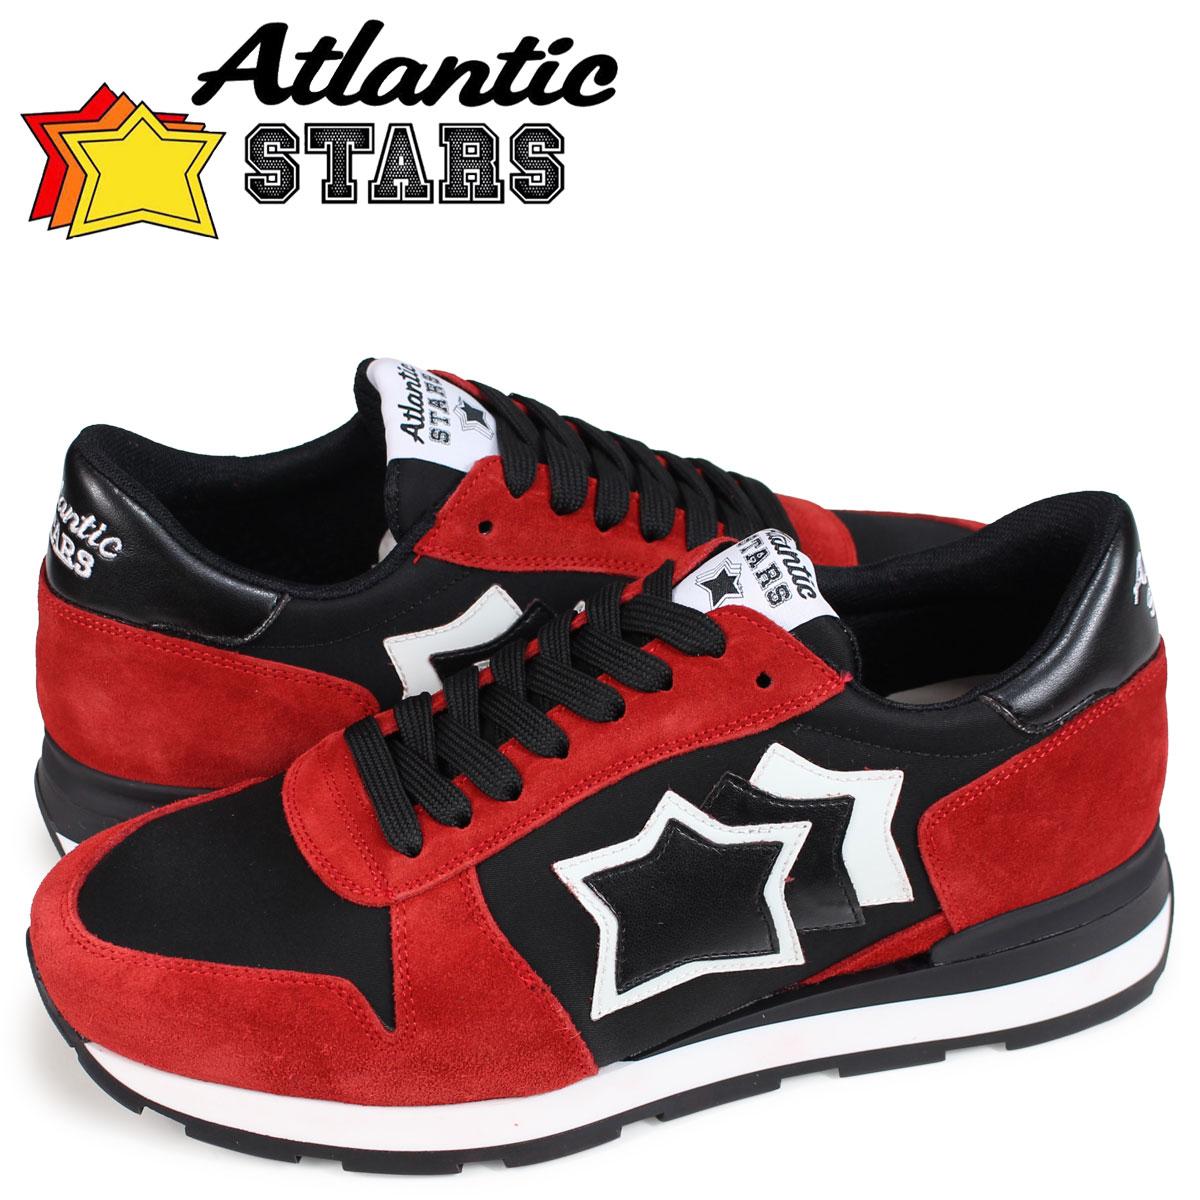 【最大2000円OFFクーポン】 アトランティックスターズ Atlantic STARS シリウス スニーカー メンズ SIRIUS NFN-10N レッド